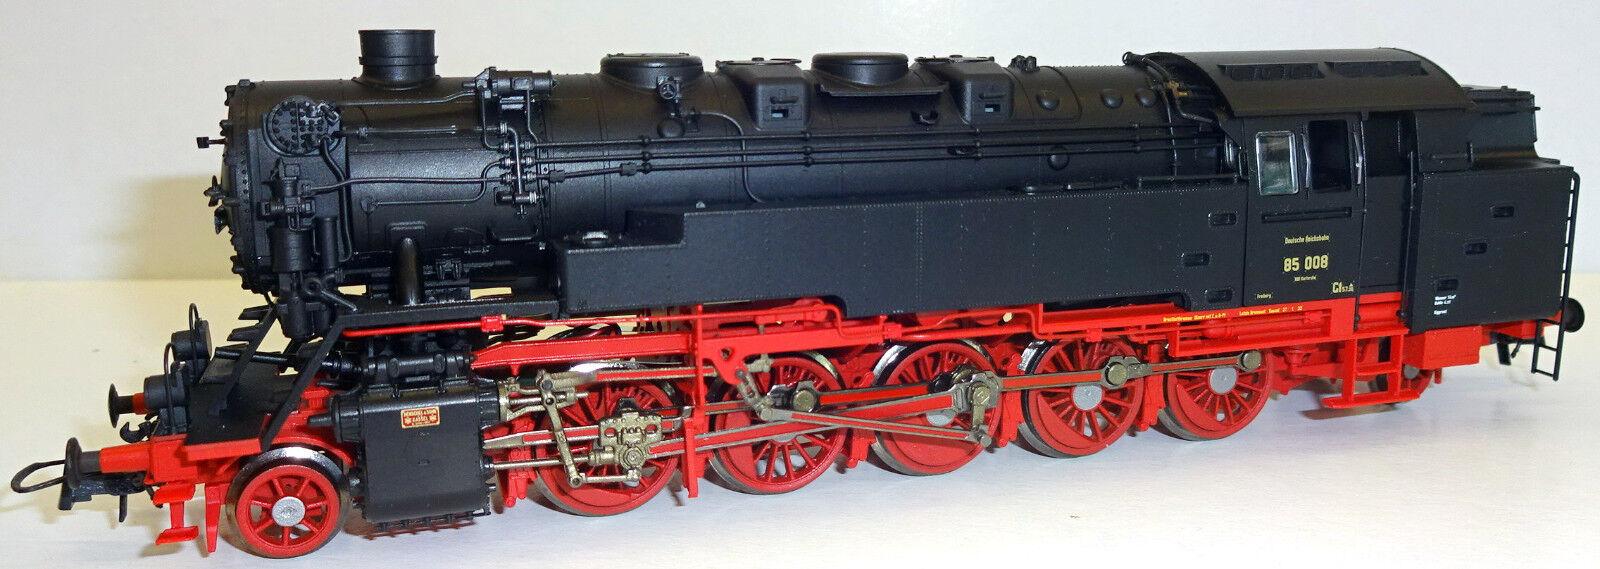 ROCO h0 78262 locomotiva BR 85 delle DRG  dinamico a vapore + Sound  - NUOVO + OVP